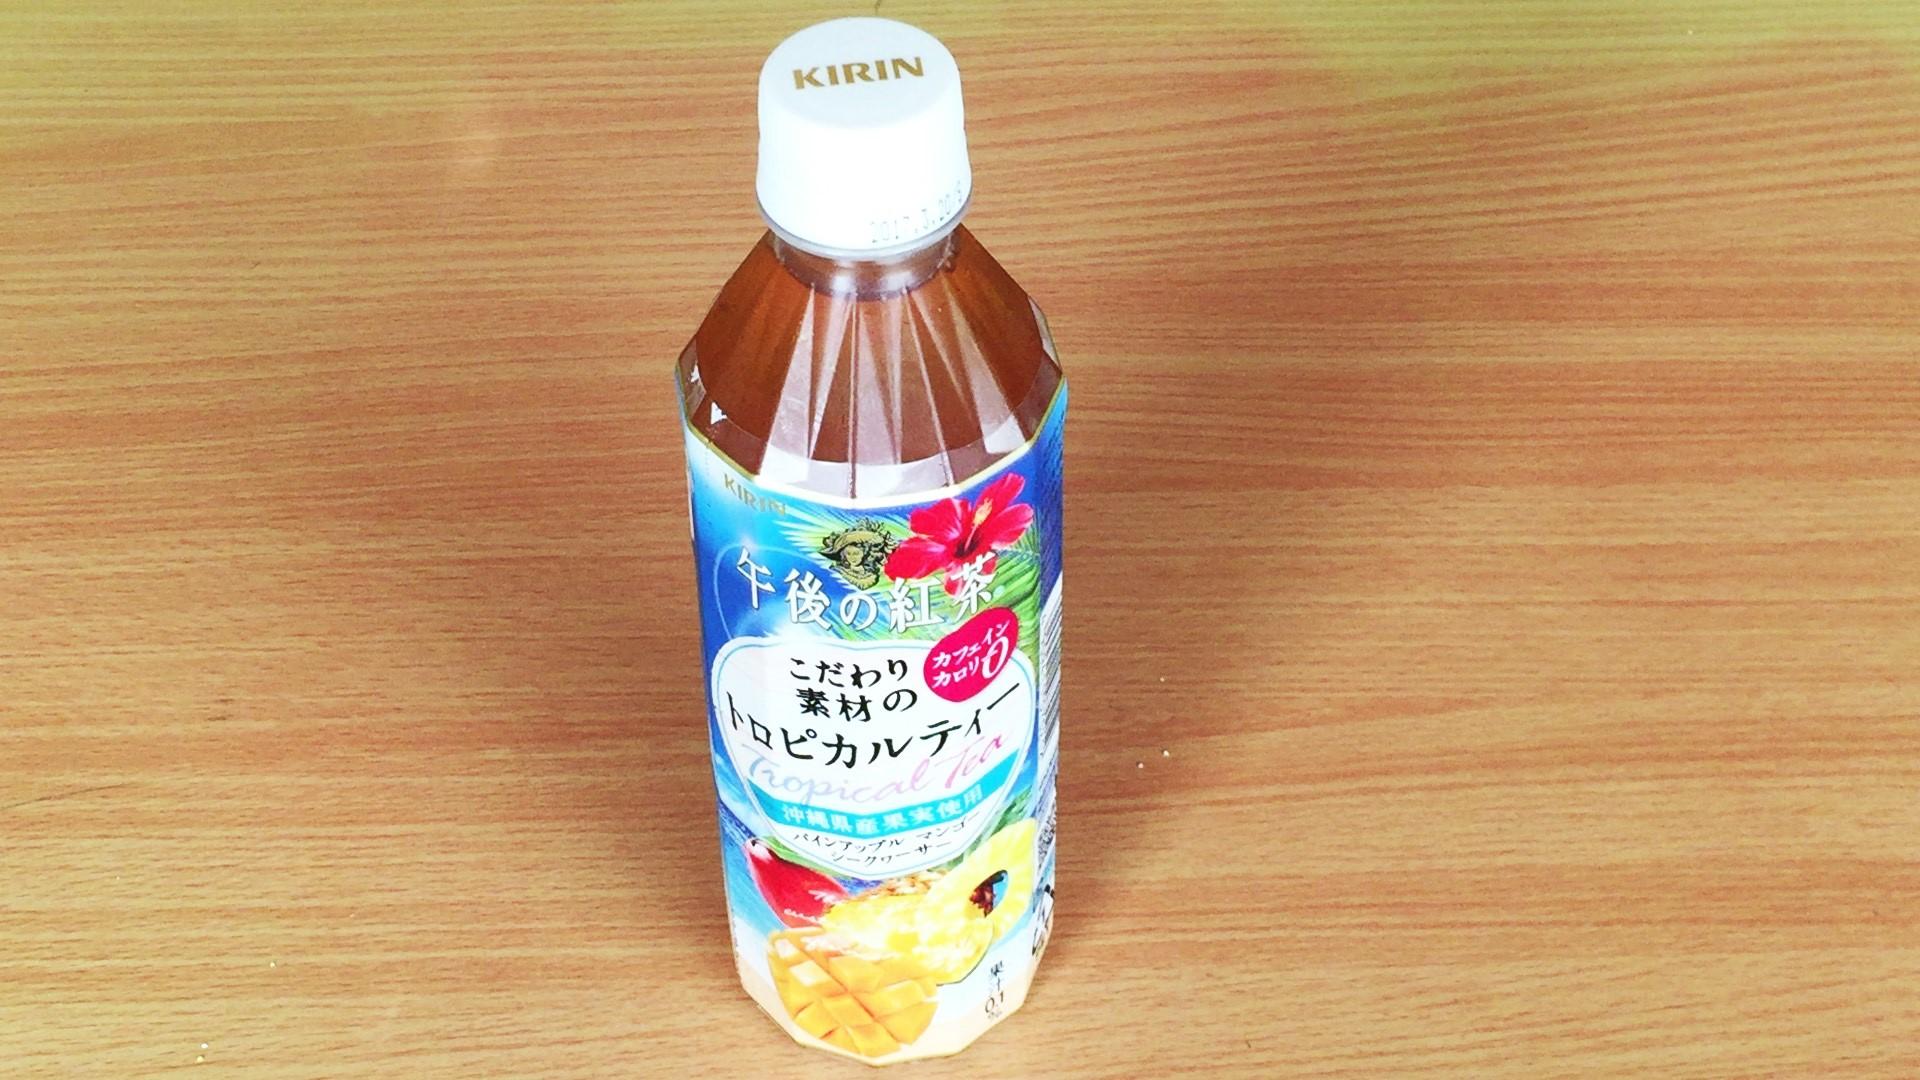 午後の紅茶こだわり素材のトロピカルティーを飲んでみた【期間限定・沖縄産果実使用】